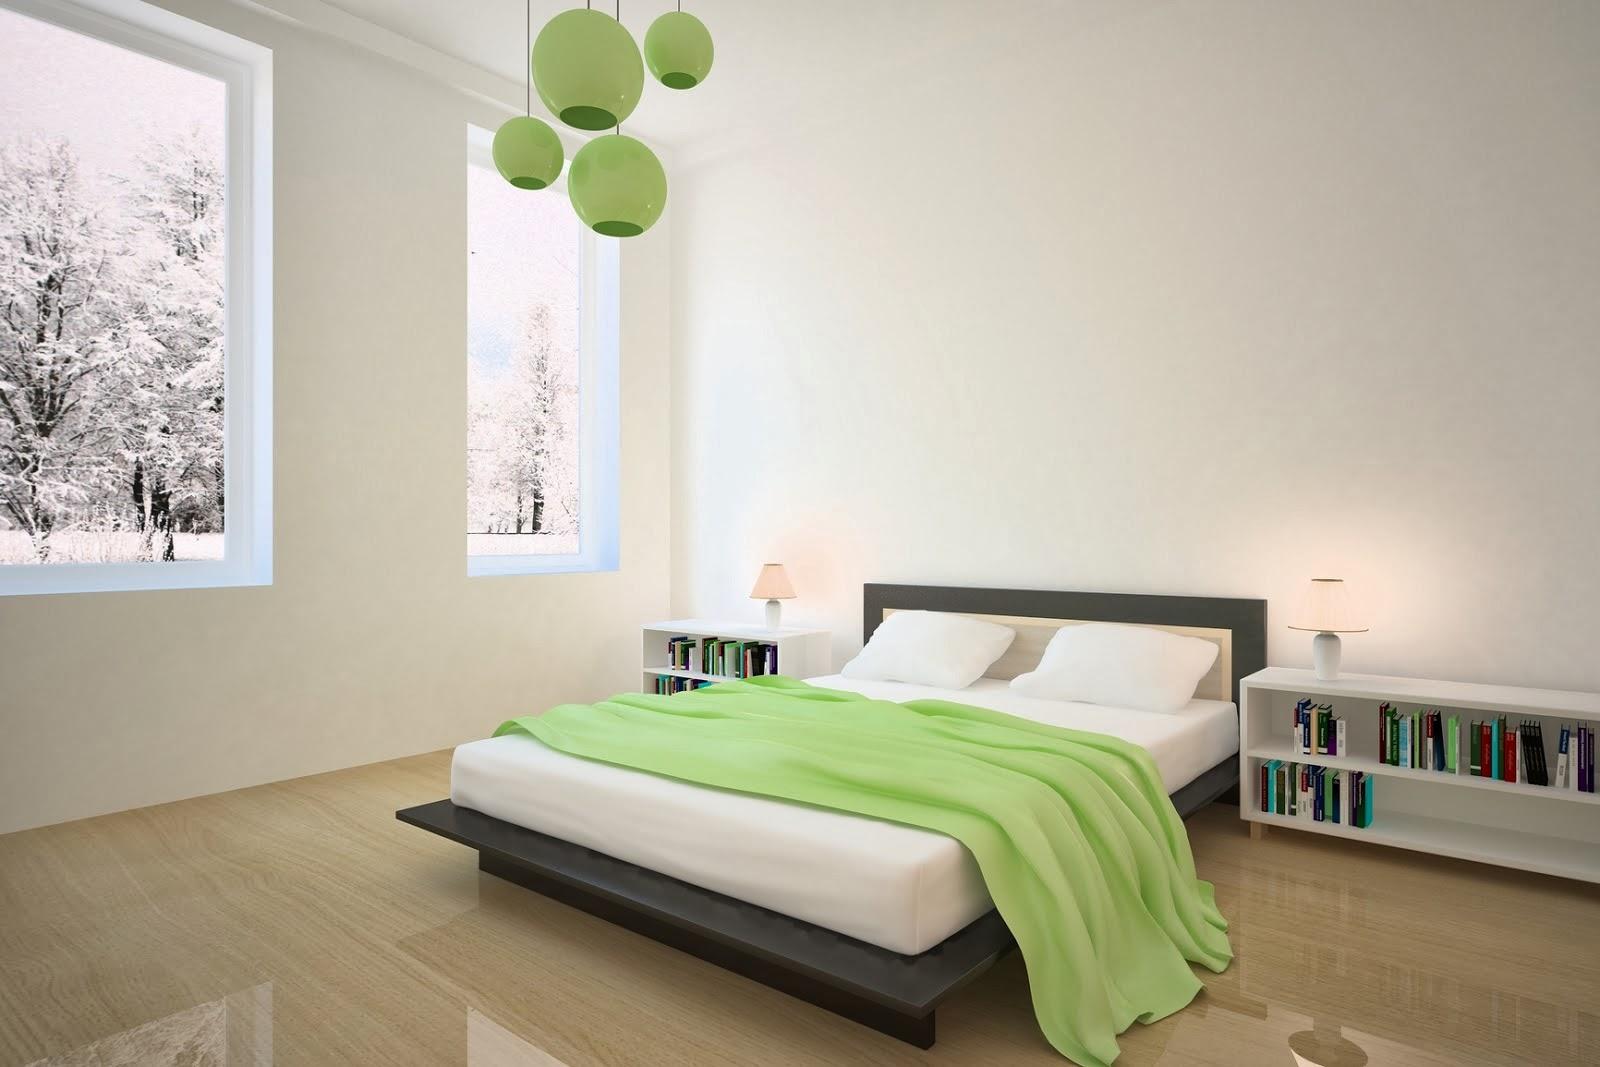 comment choisir les couleurs d une chambre